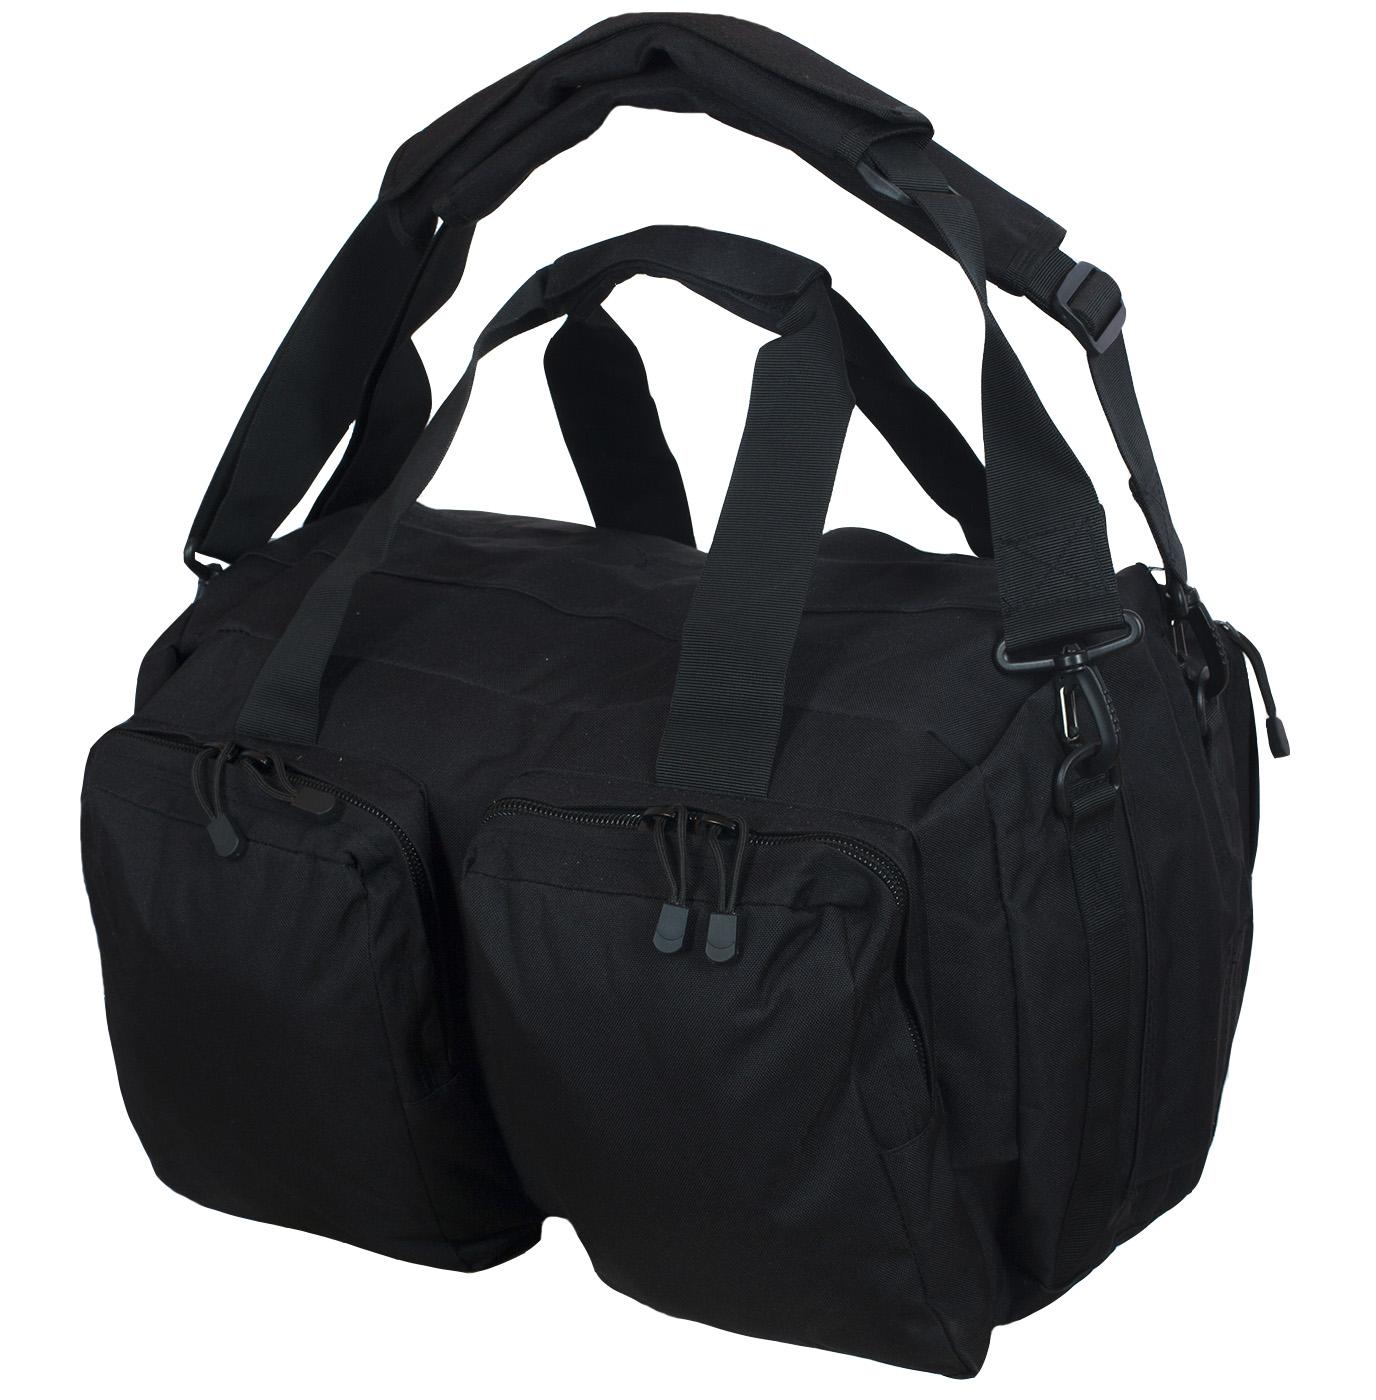 Купить мужскую дорожную сумку по демократической цене